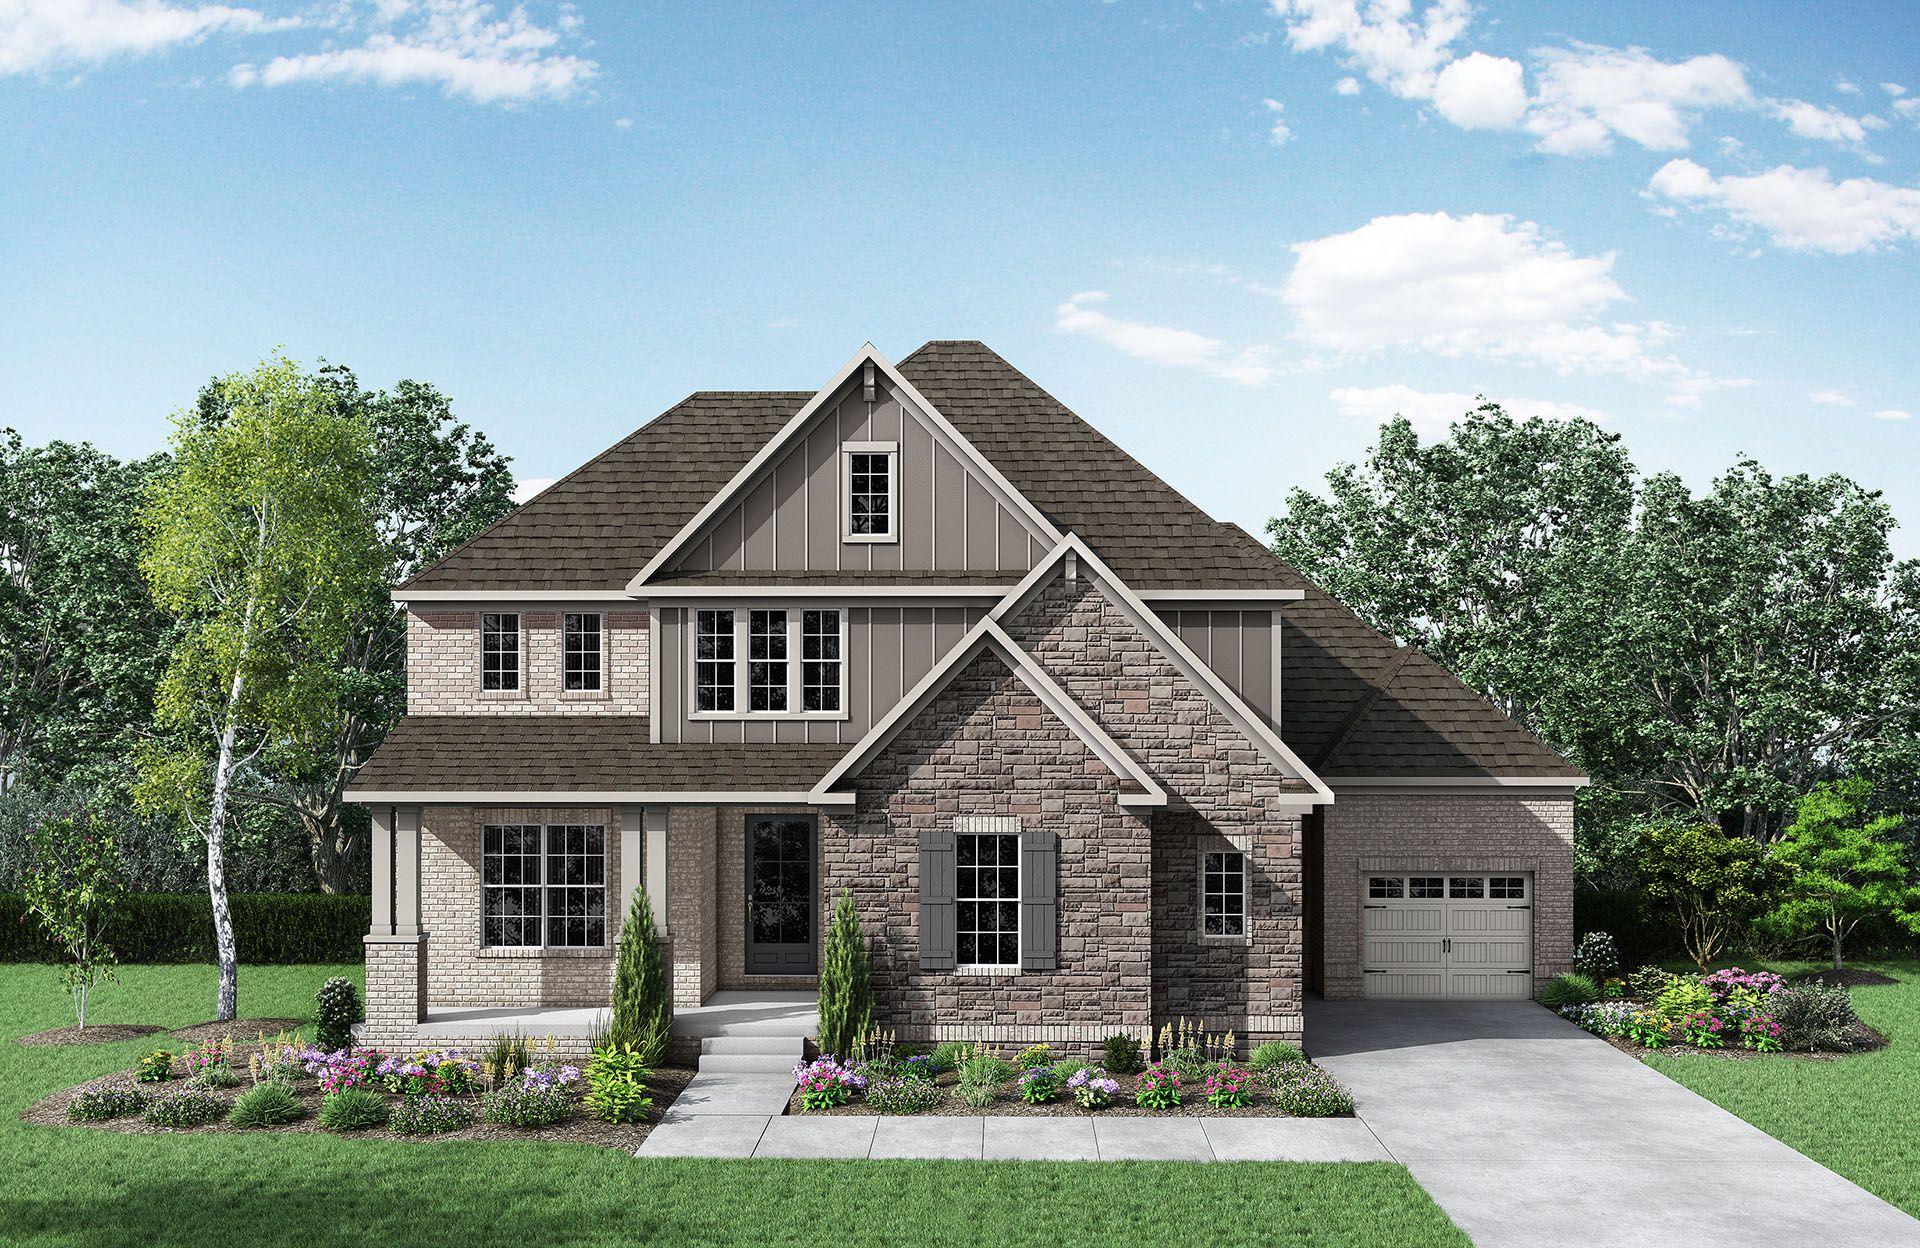 单亲家庭 为 销售 在 Oakdale 143 Telfair Lane Nolensville, Tennessee 37135 United States